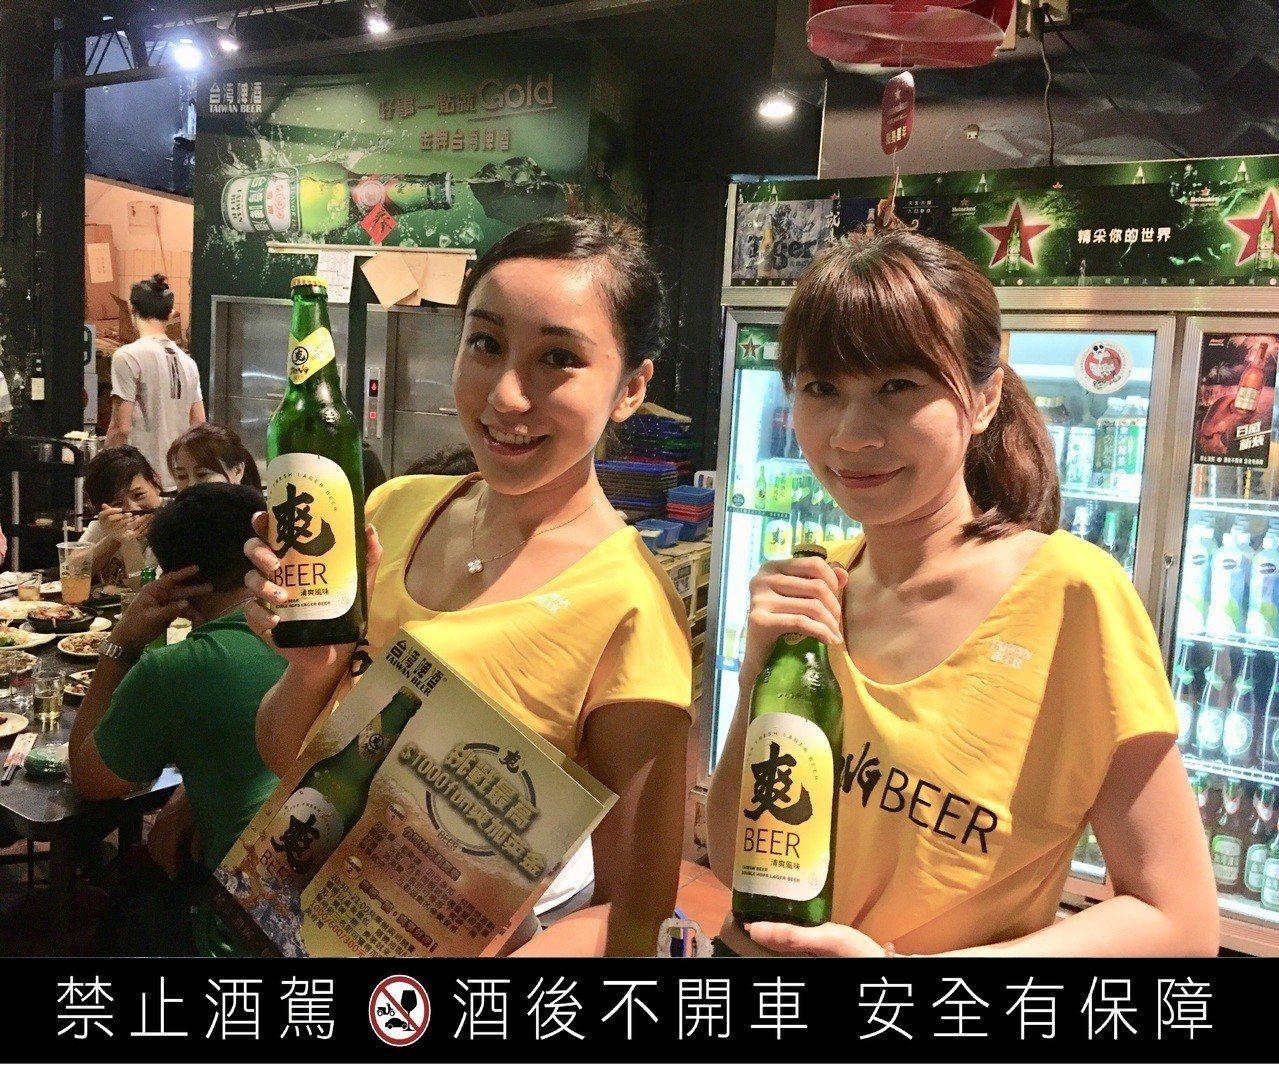 台啤推出促銷活動,搶高溫商機。圖/菸酒公司提供